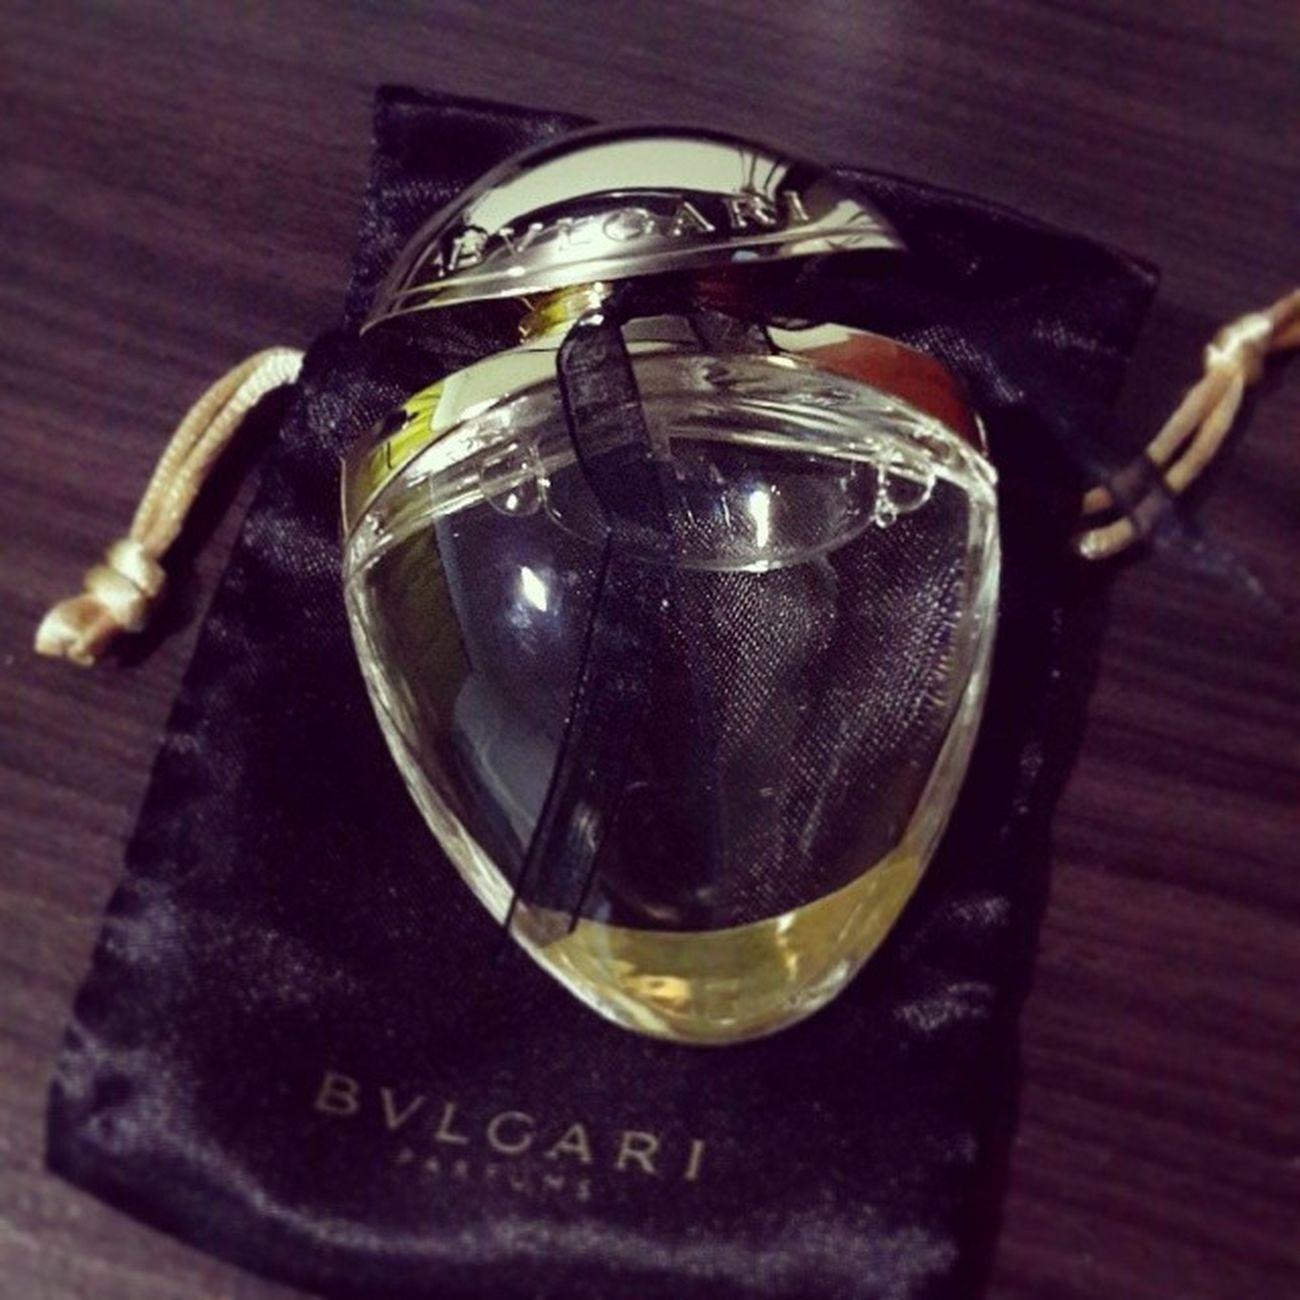 这香水超扑鼻的!?Bvlgari Jasminnoir Perfume